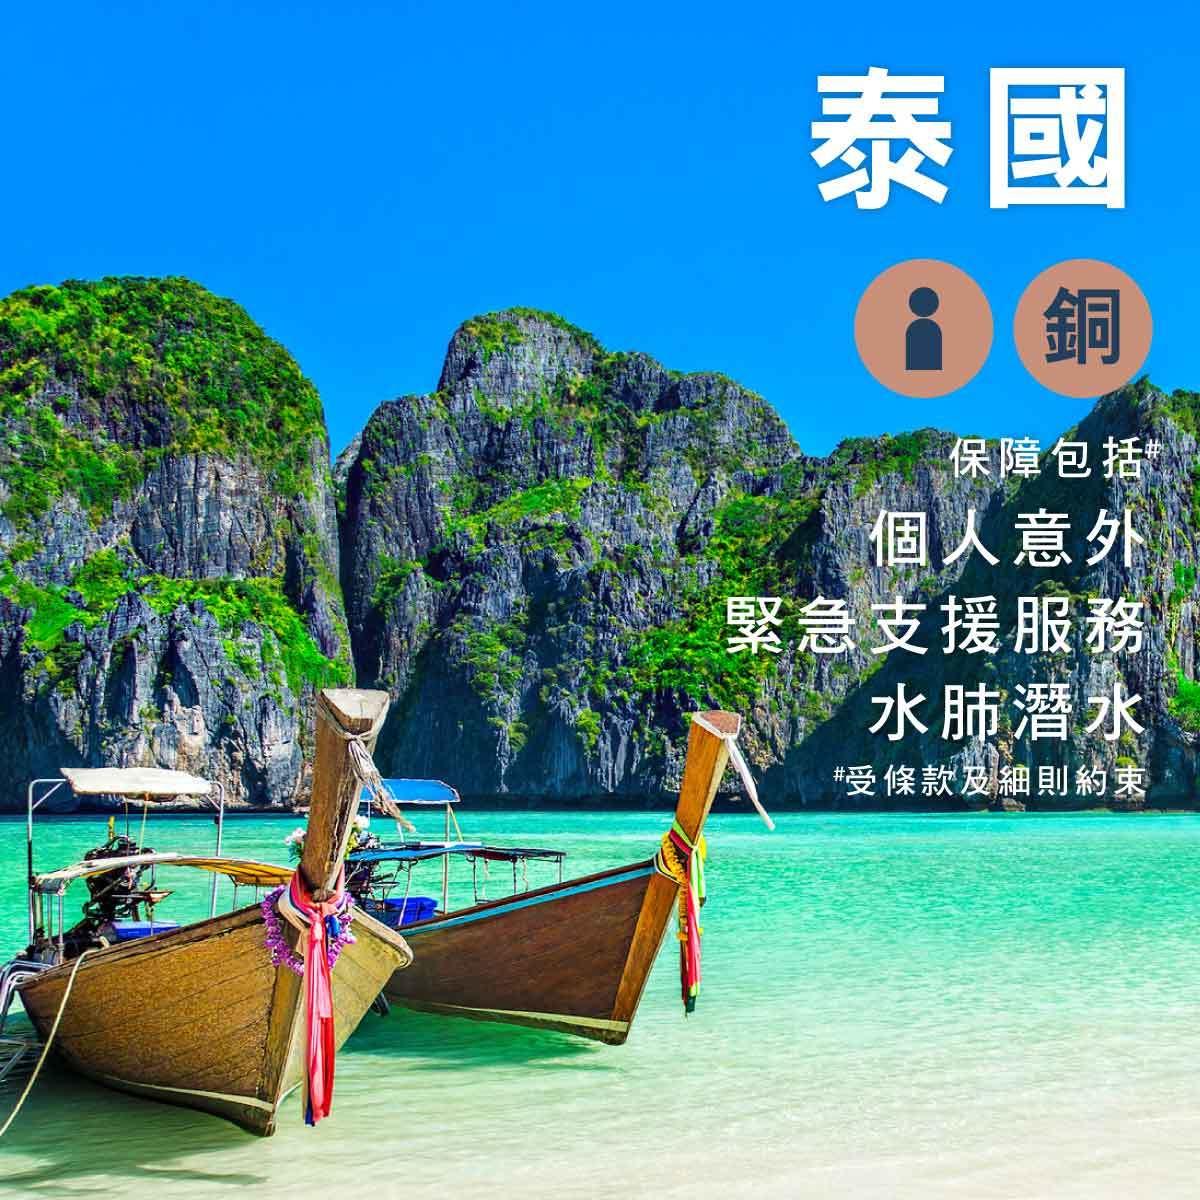 泰國 - 單次個人旅遊保險